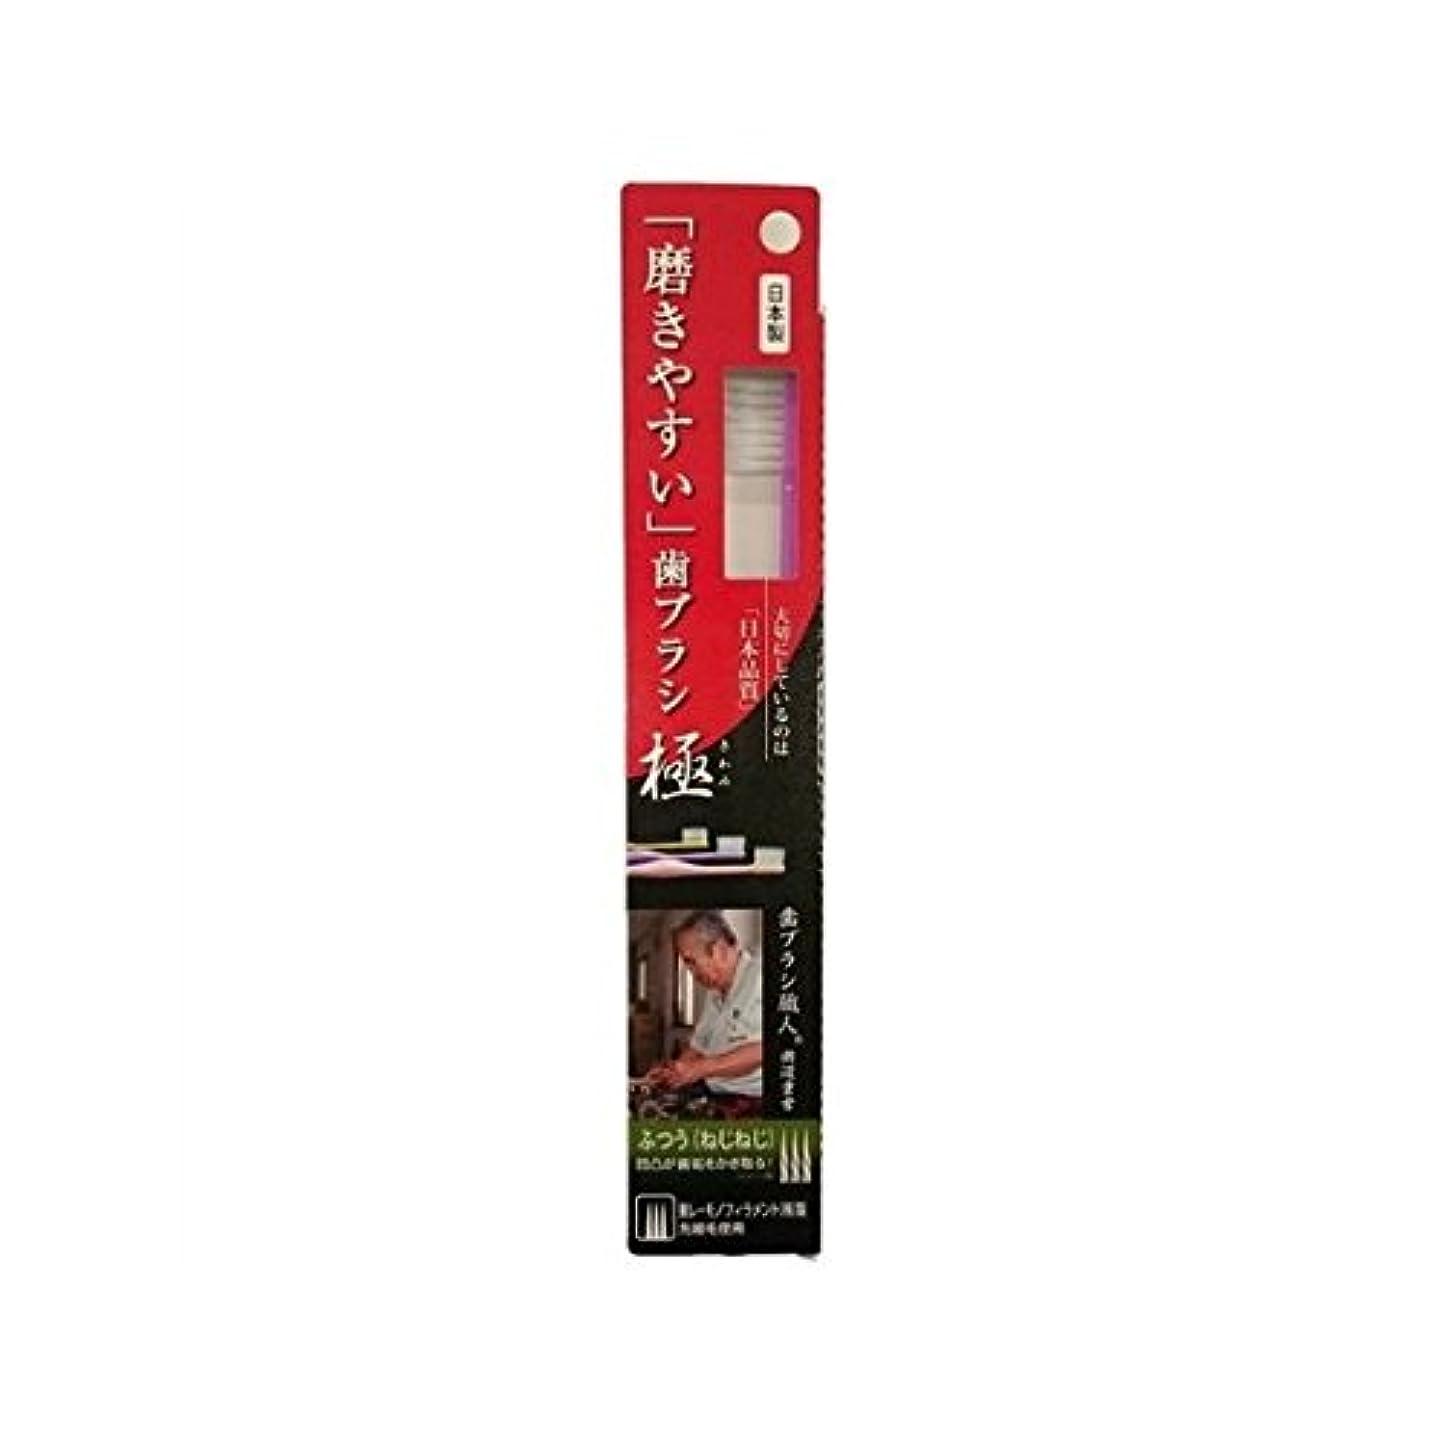 広がり省バスタブライフレンジ 磨きやすい歯ブラシ極 1P*12本入り LT-28ふつう(ねじねじ)